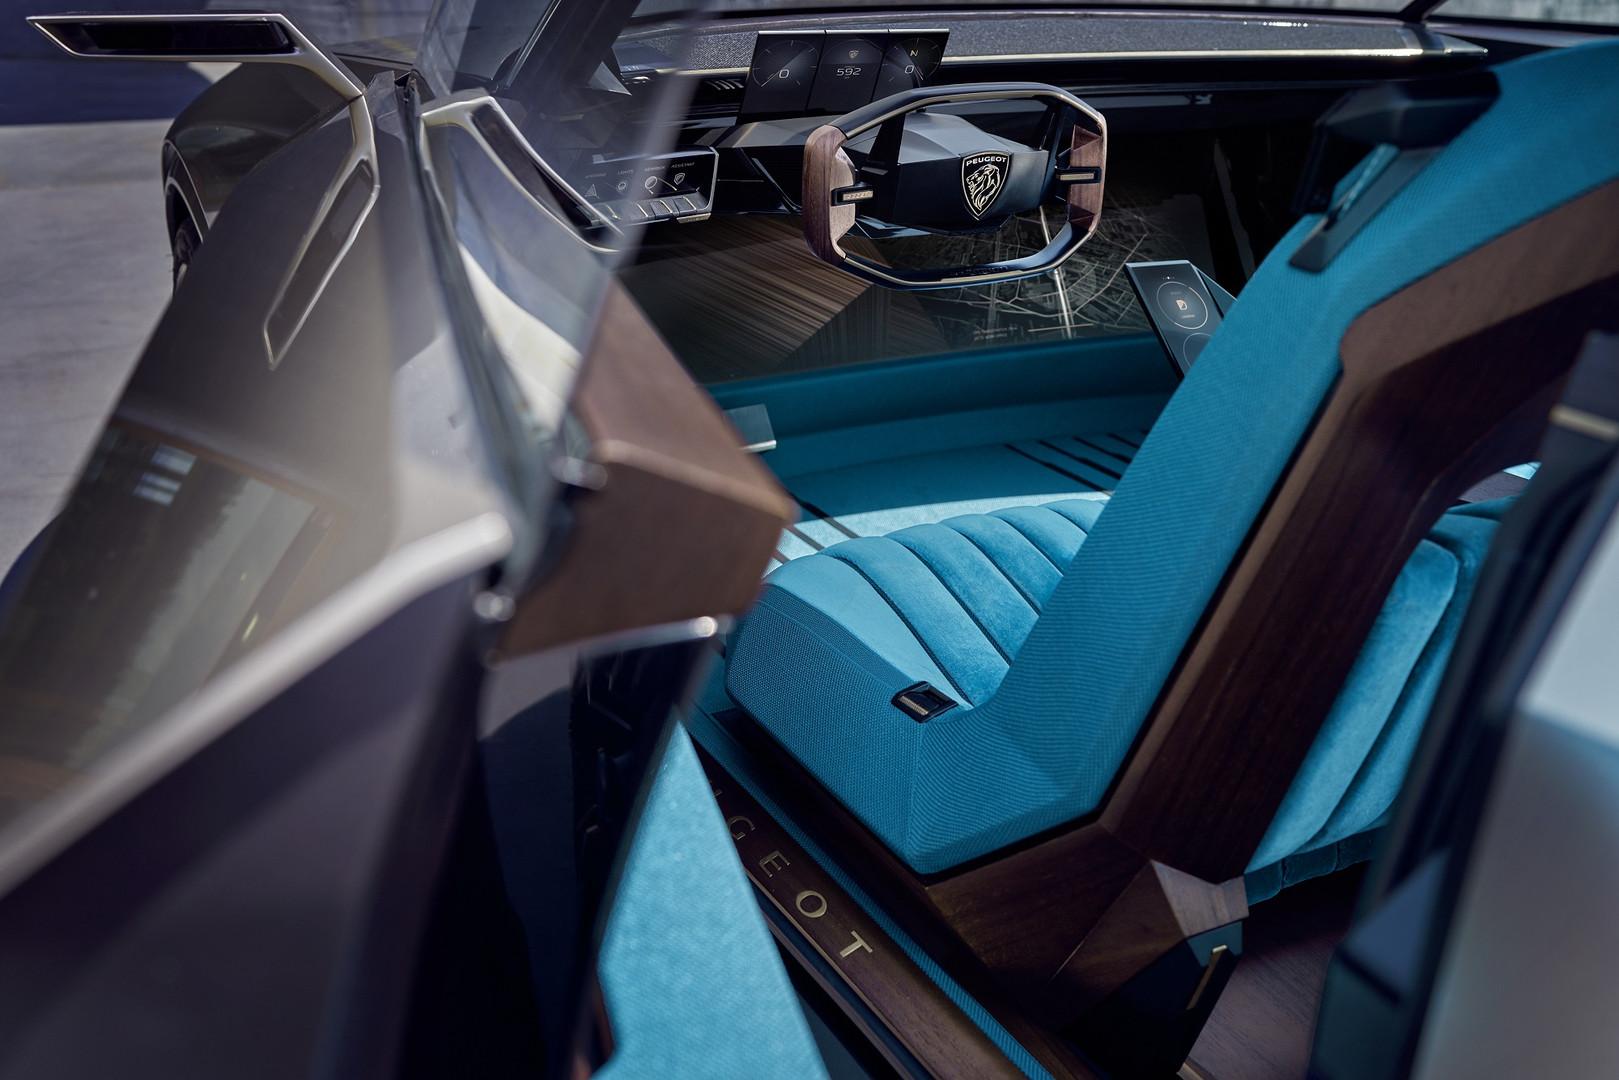 Auto Peugeot Ecco E Legend Totalmente Elettrica E Autonoma